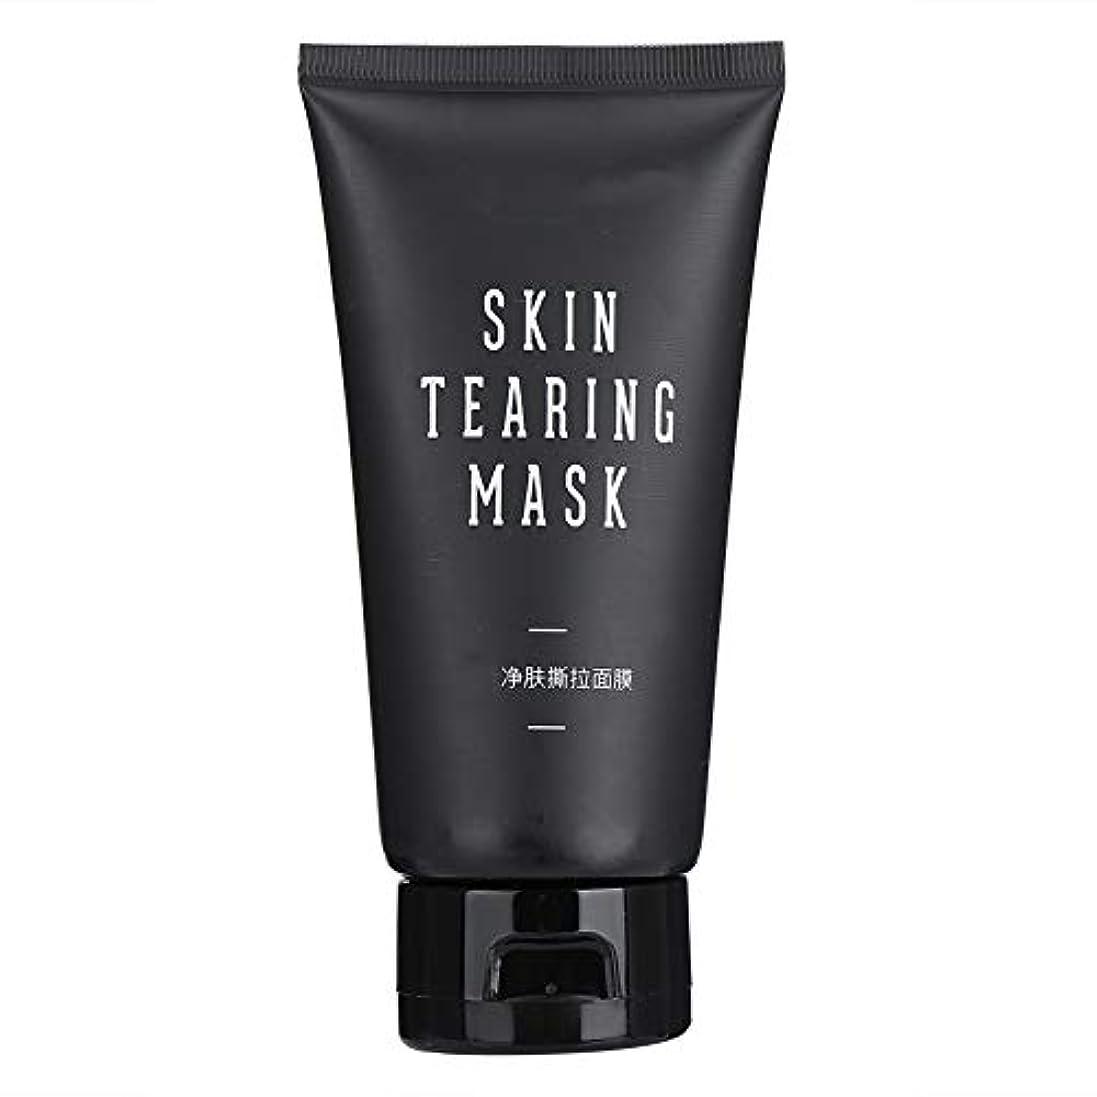 トロリー祝福彼角質除去クレンジングマスク、にきびの除去角質除去マスク、ポロスクリーニングアスコットの修復 - 80 g